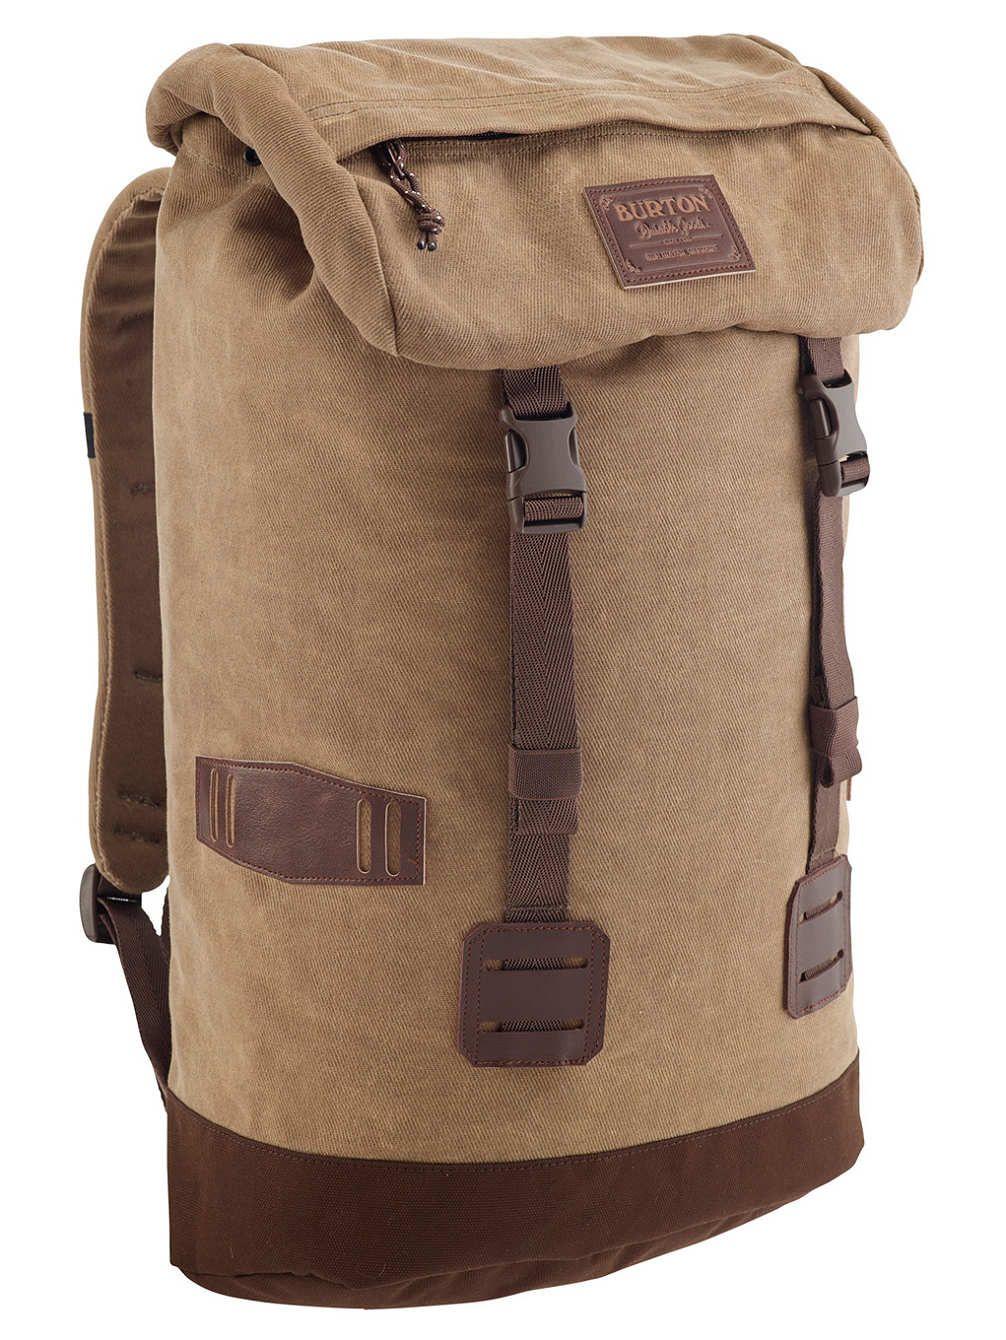 3dbdf4533ea Burton Tinder Backpack online kopen bij blue-tomato.com | Backpacks ...